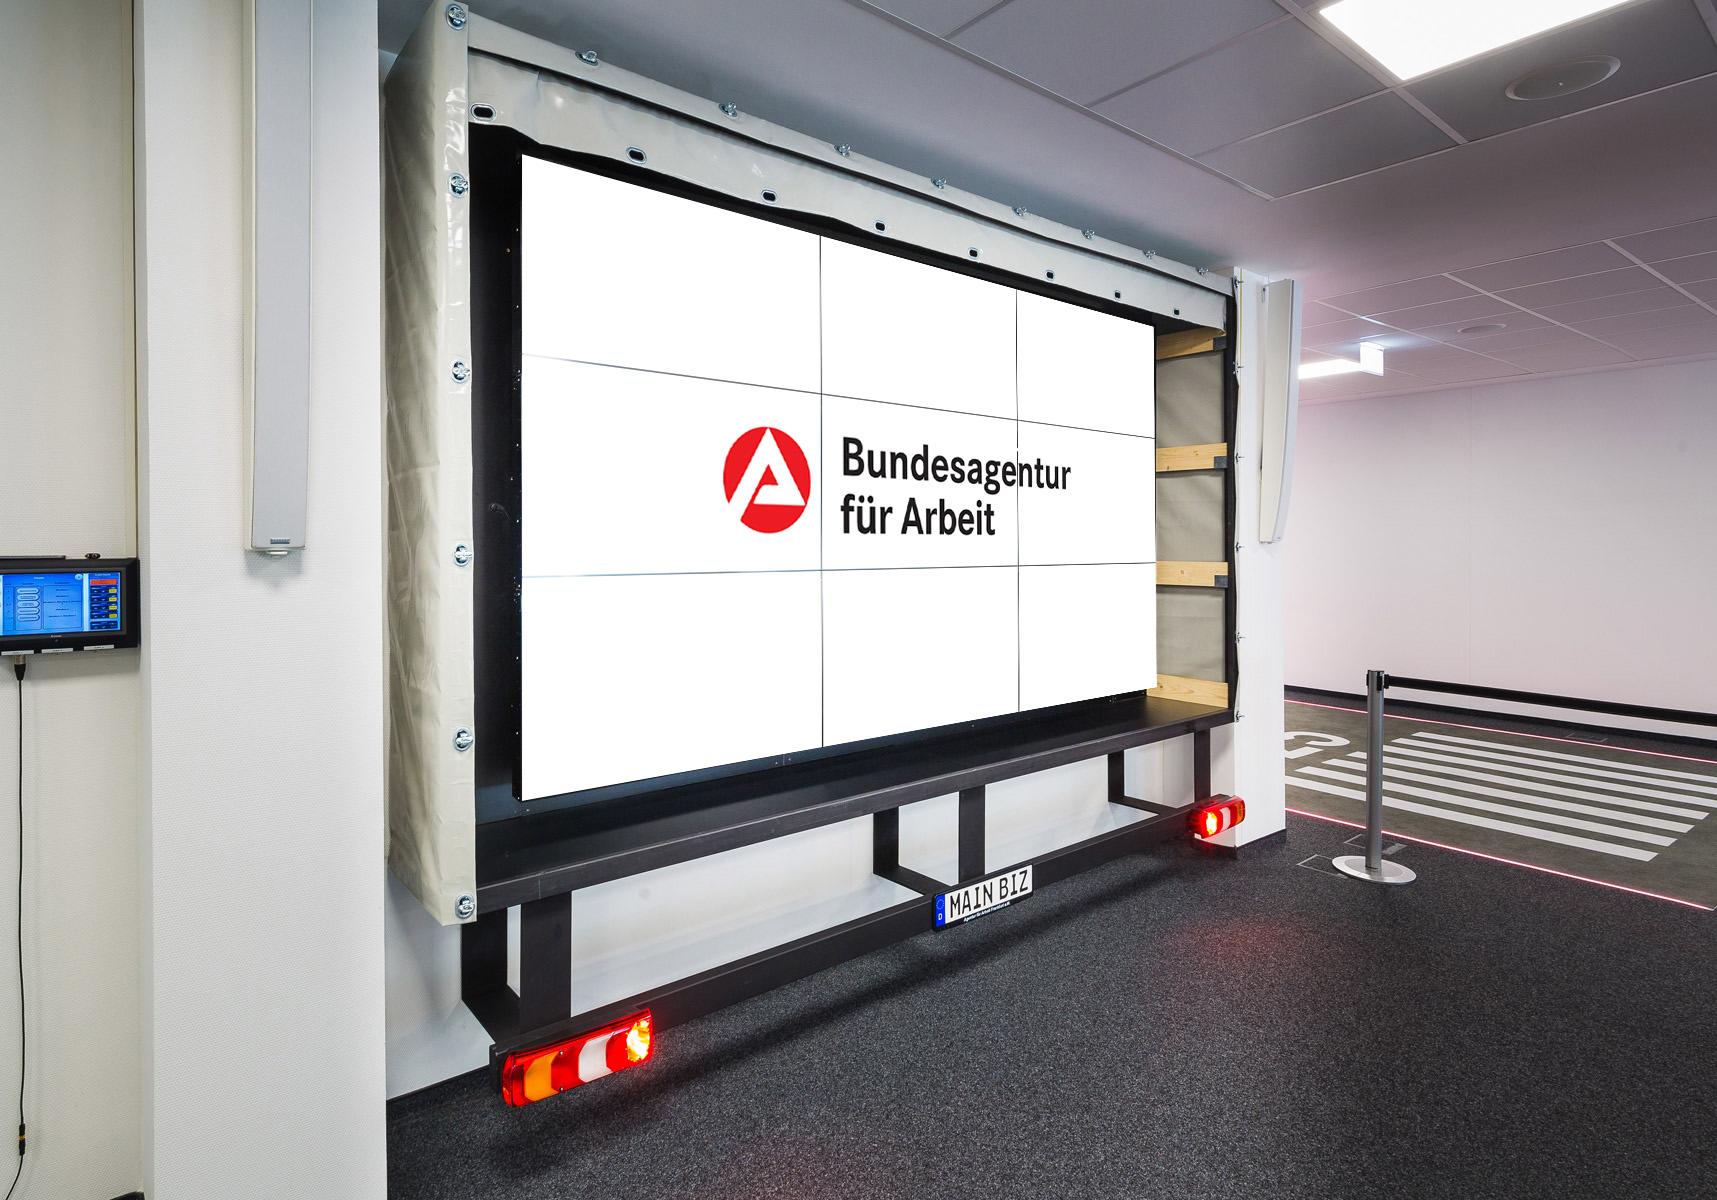 Agentur-für-Arbeit-Main-Biz-Erlebniswelt-Frankfurt-1717-1200_265_2